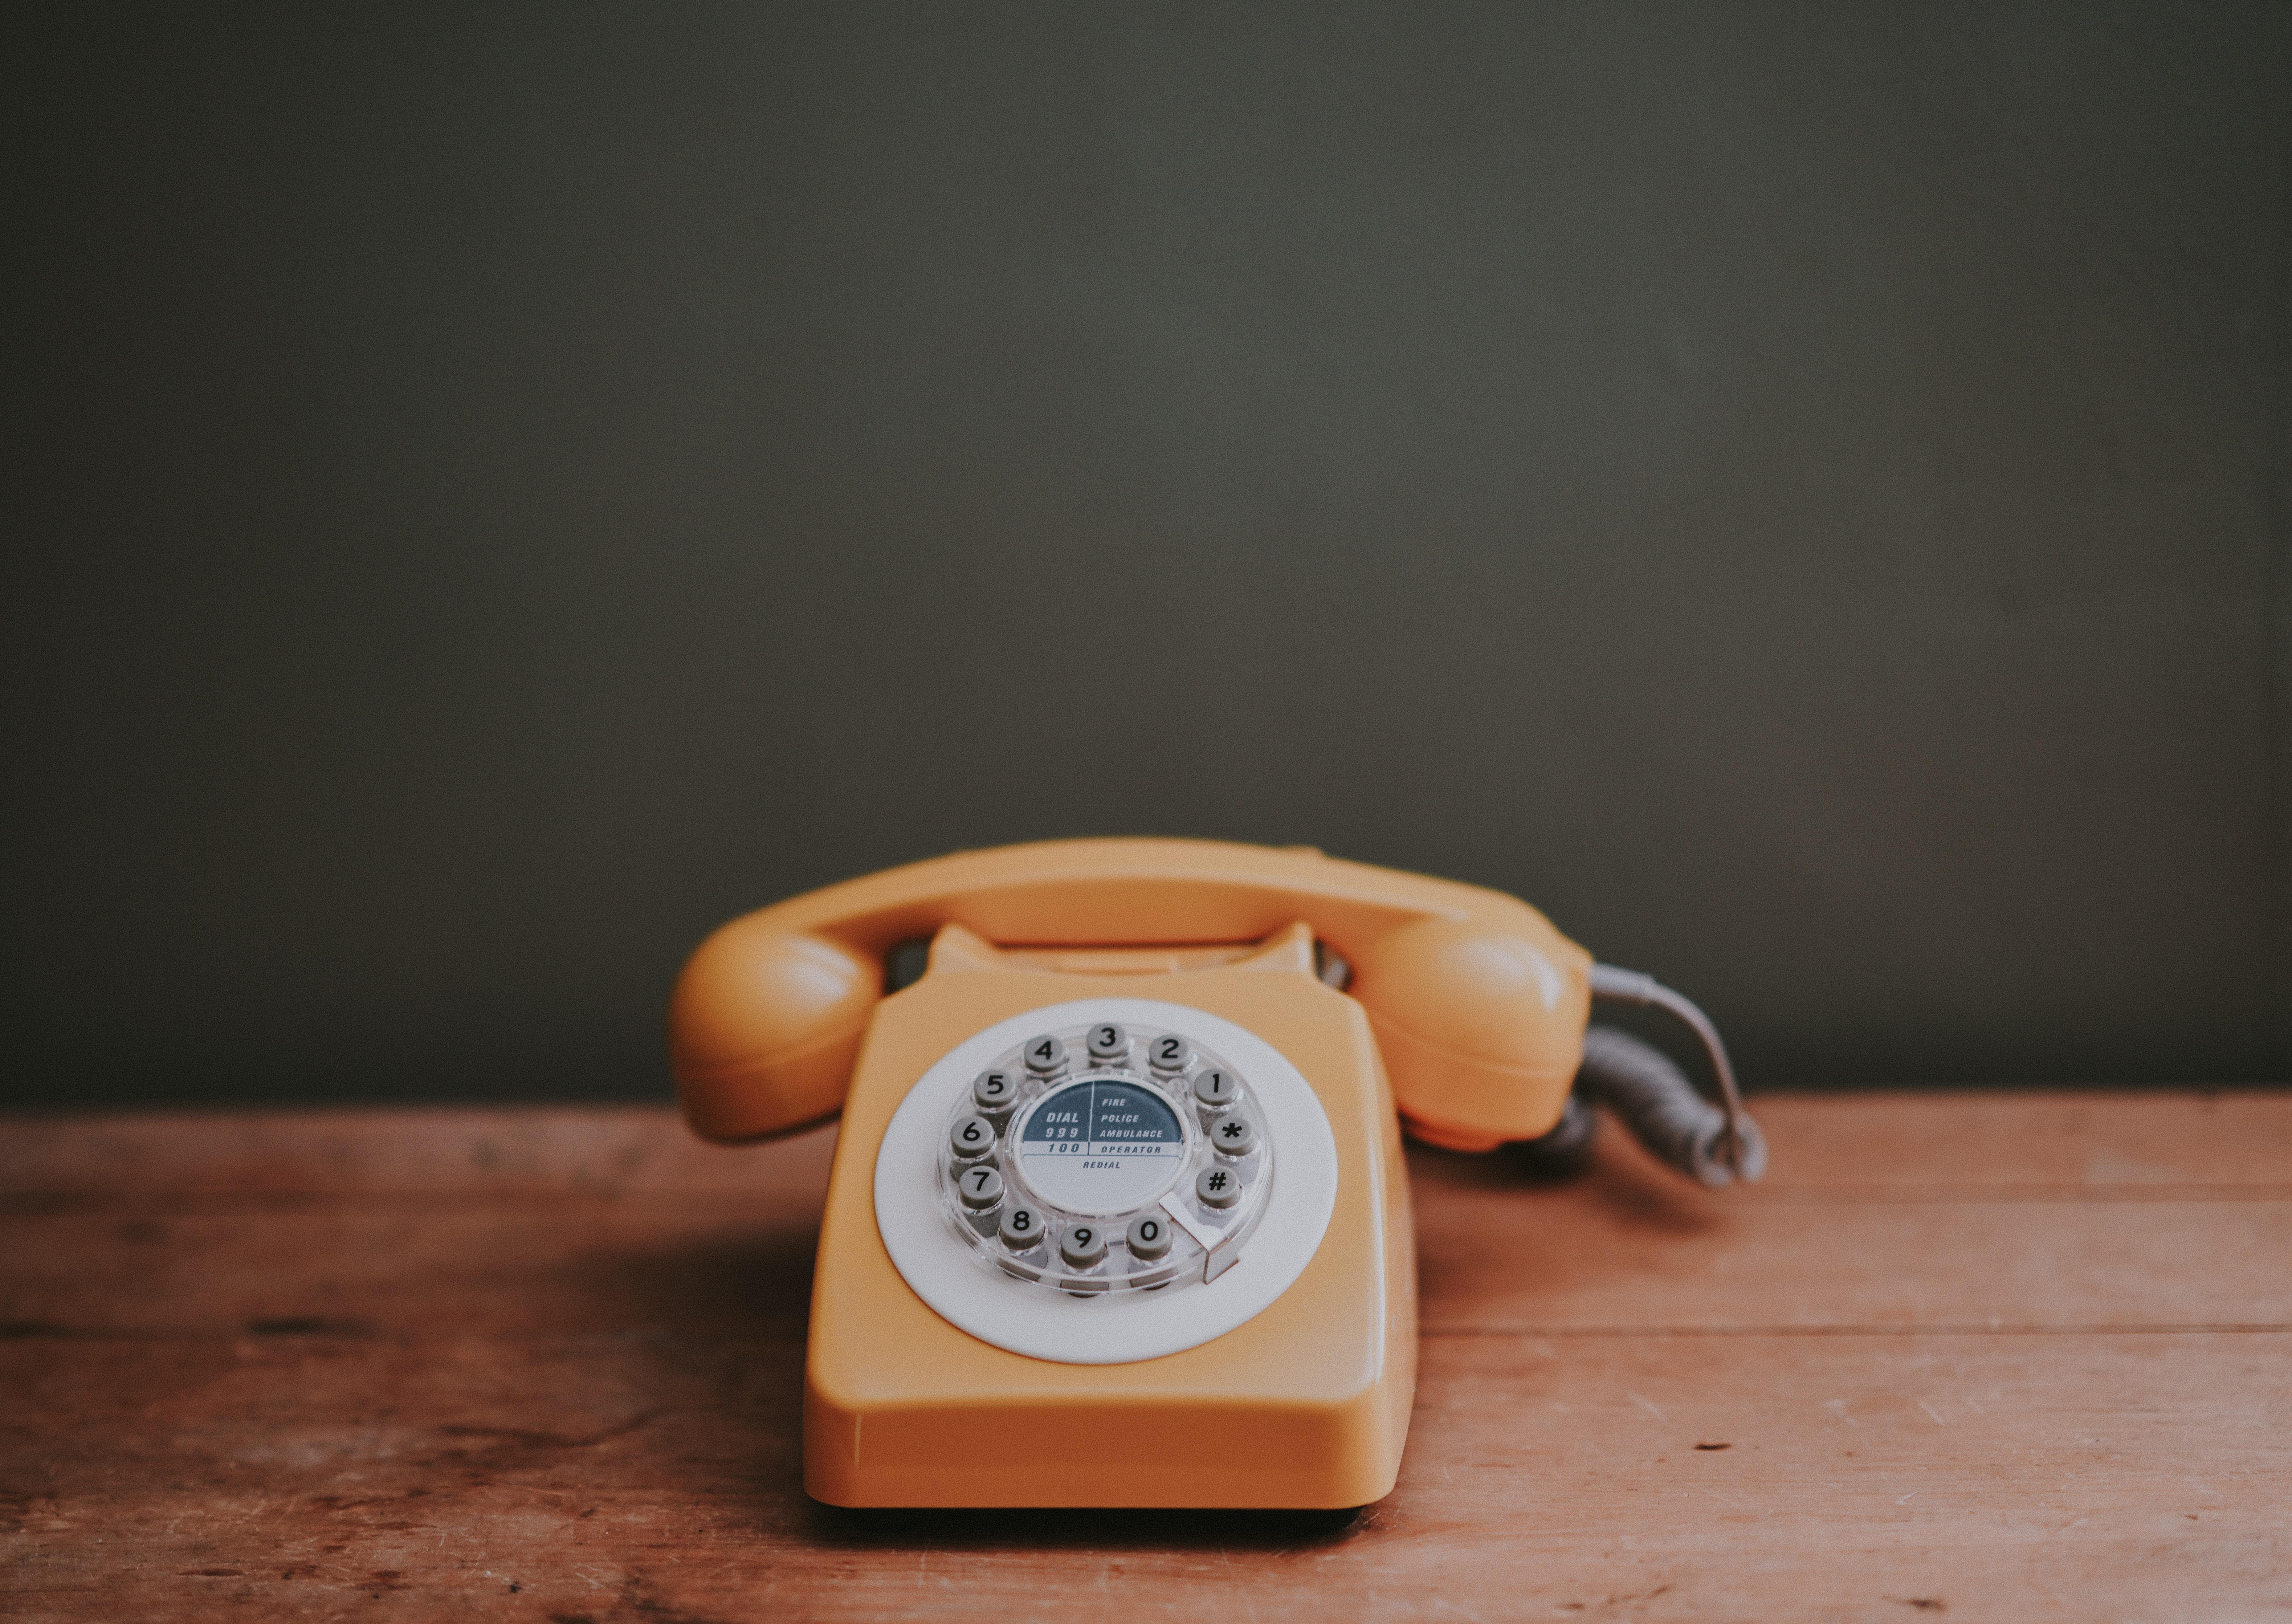 Une ligne téléphonique pour les parents d'un nouveau-né - Unsplash